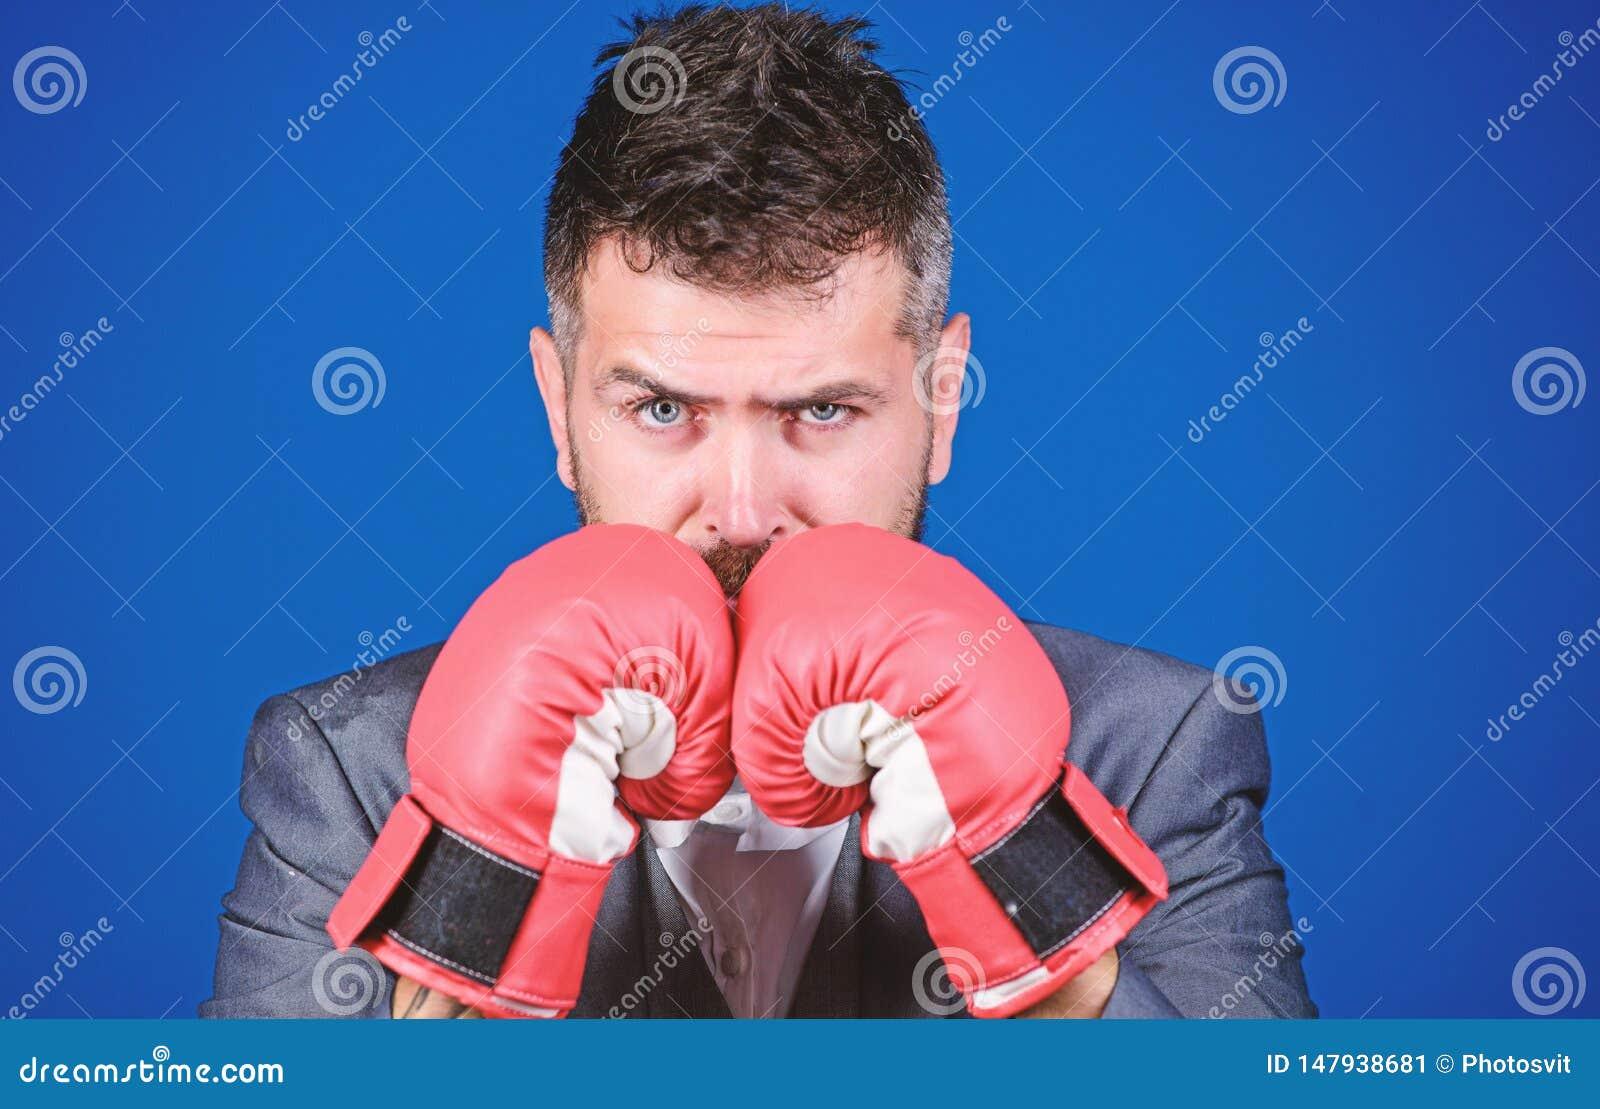 Guantes de boxeo del desgaste del hombre de negocios Las mejores estrategias criminales del abogado defensor concepto del ataque